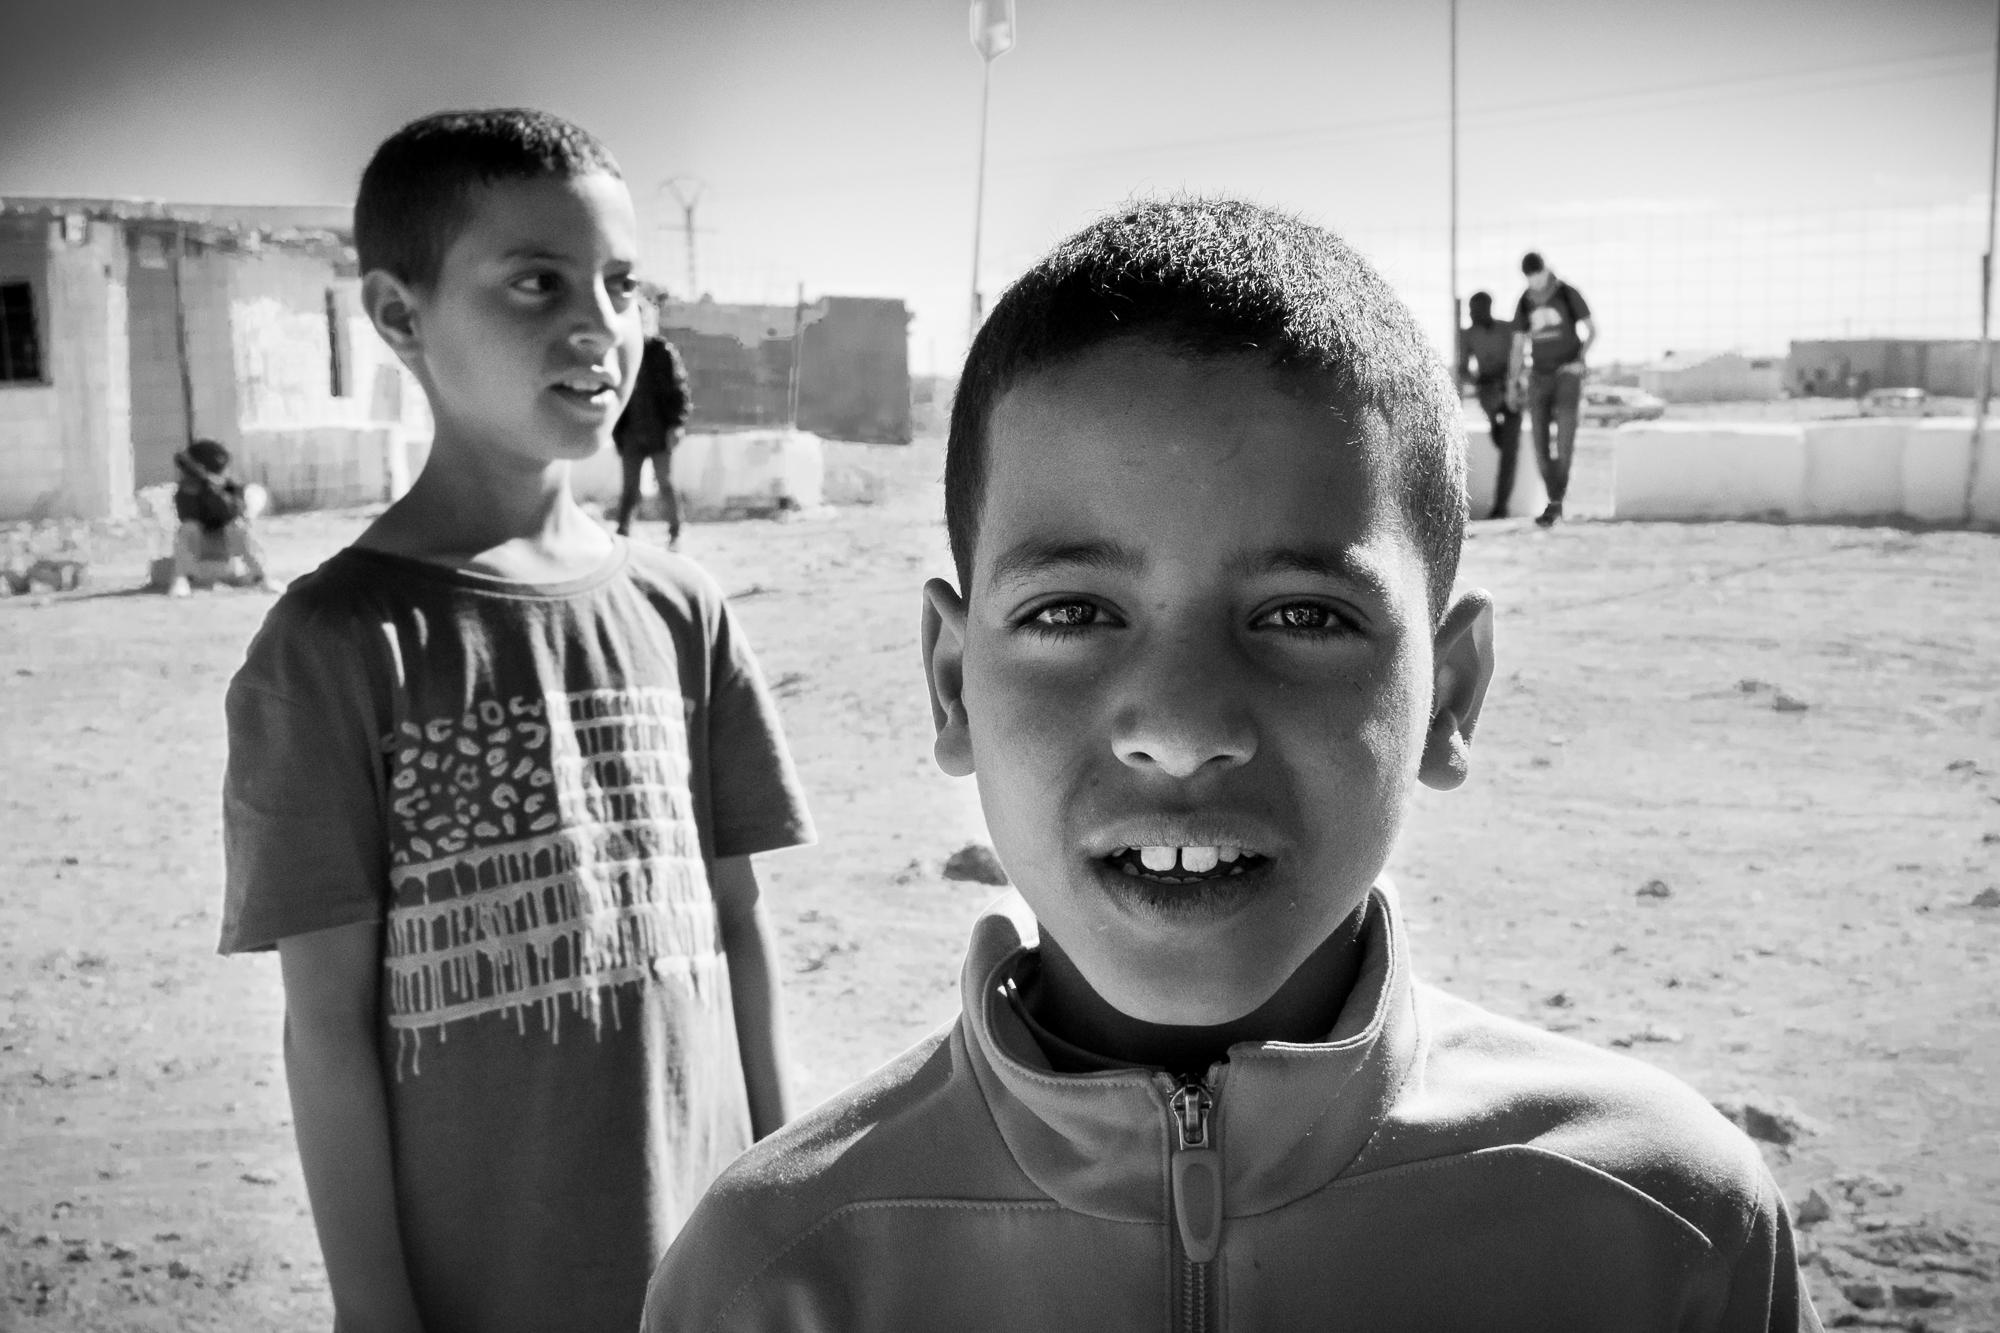 SAHARA MARATHON - Una corsa per i diritti del popolo Saharawi